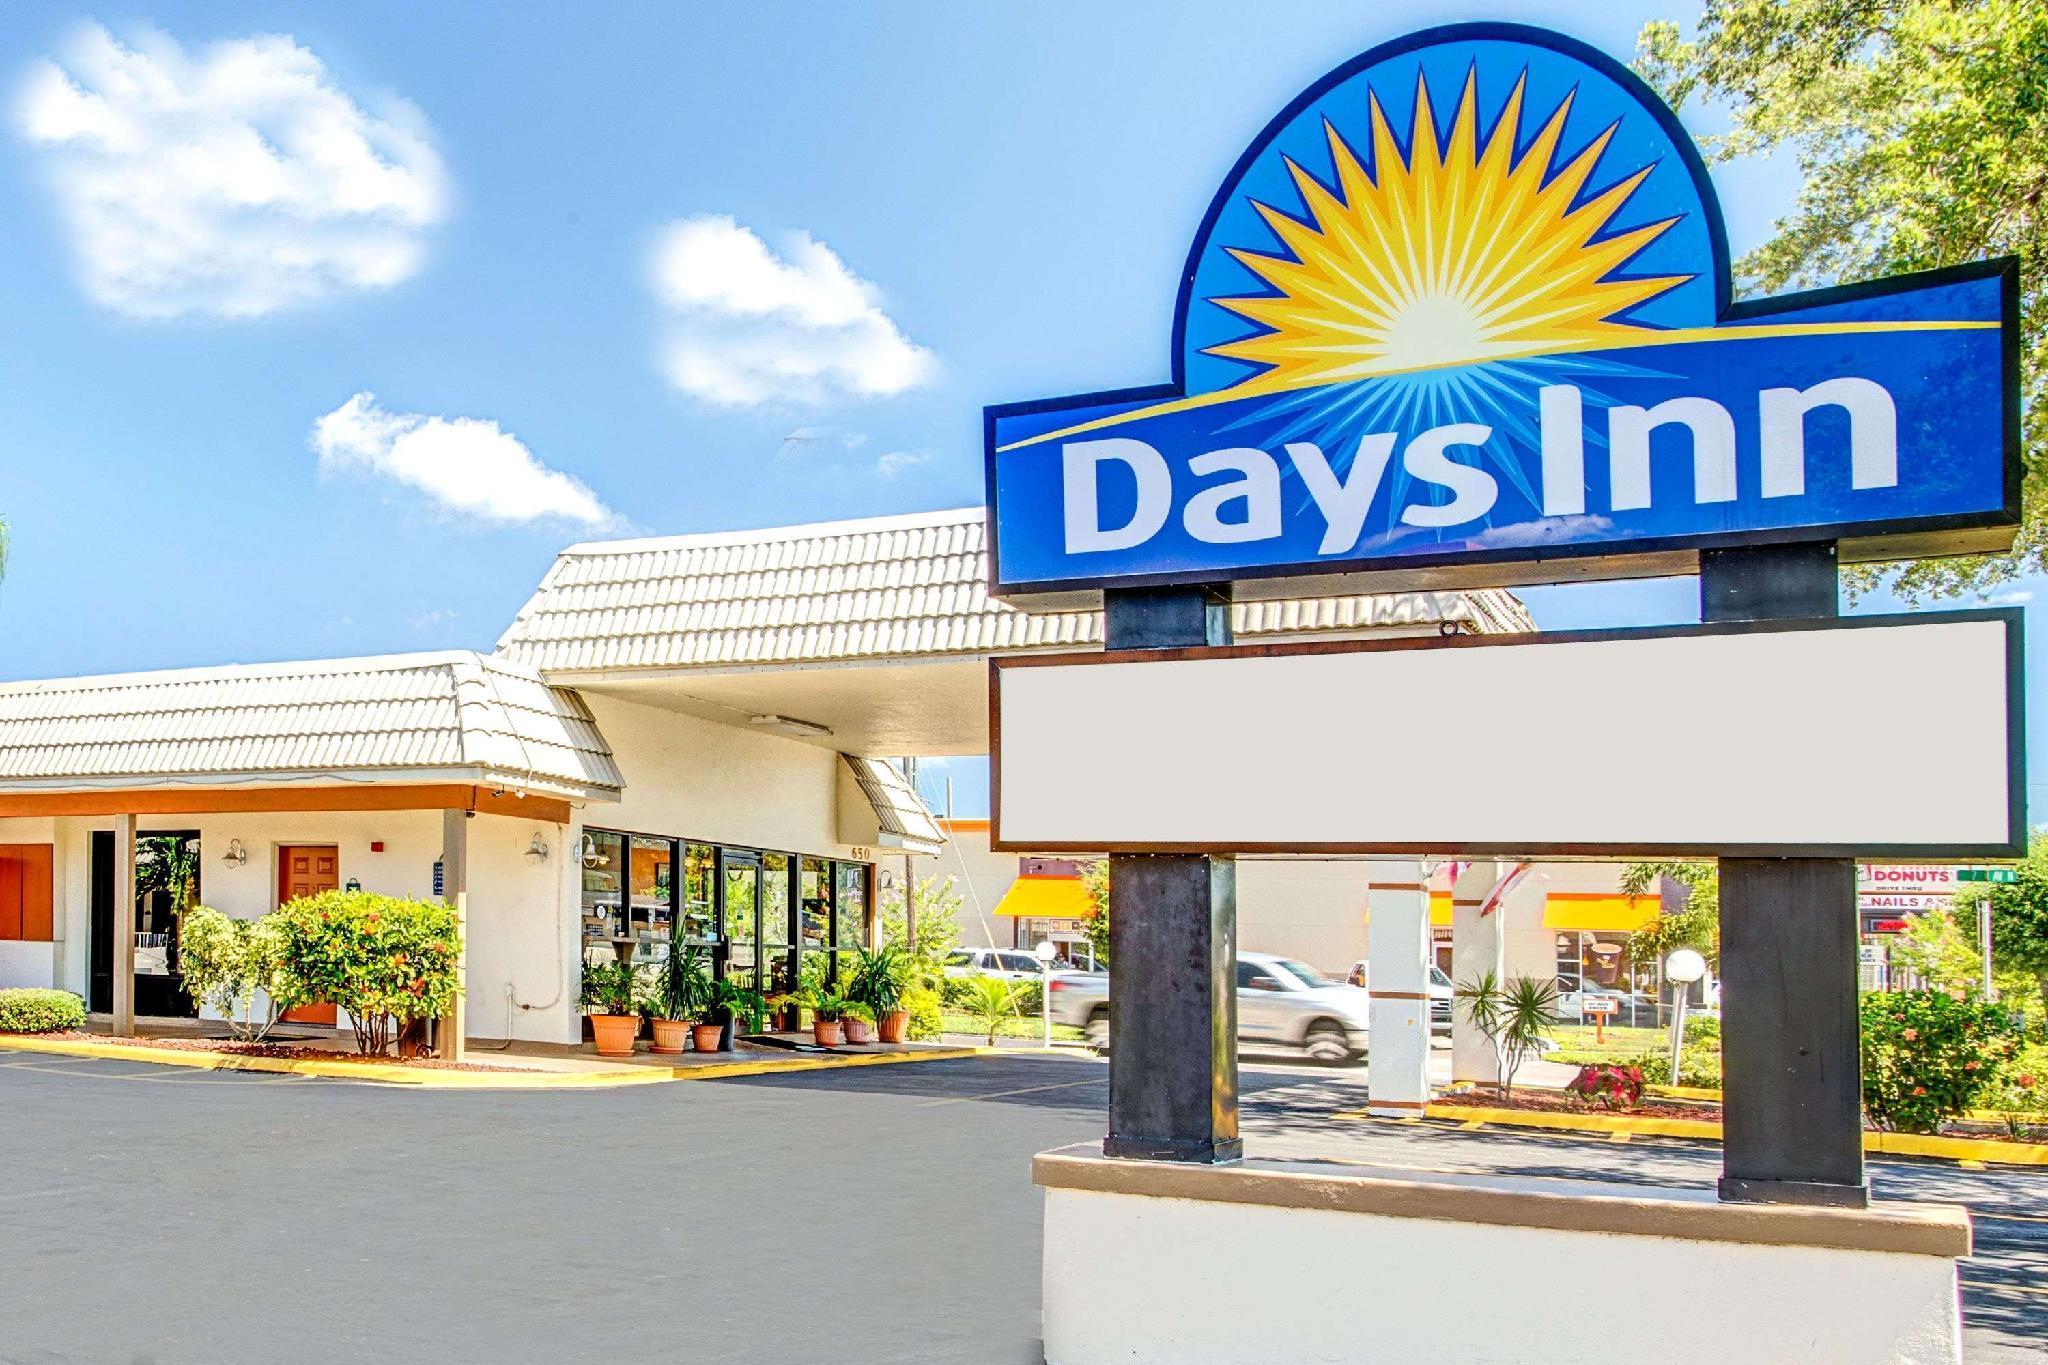 Days Inn By Wyndham St. Petersburg Central